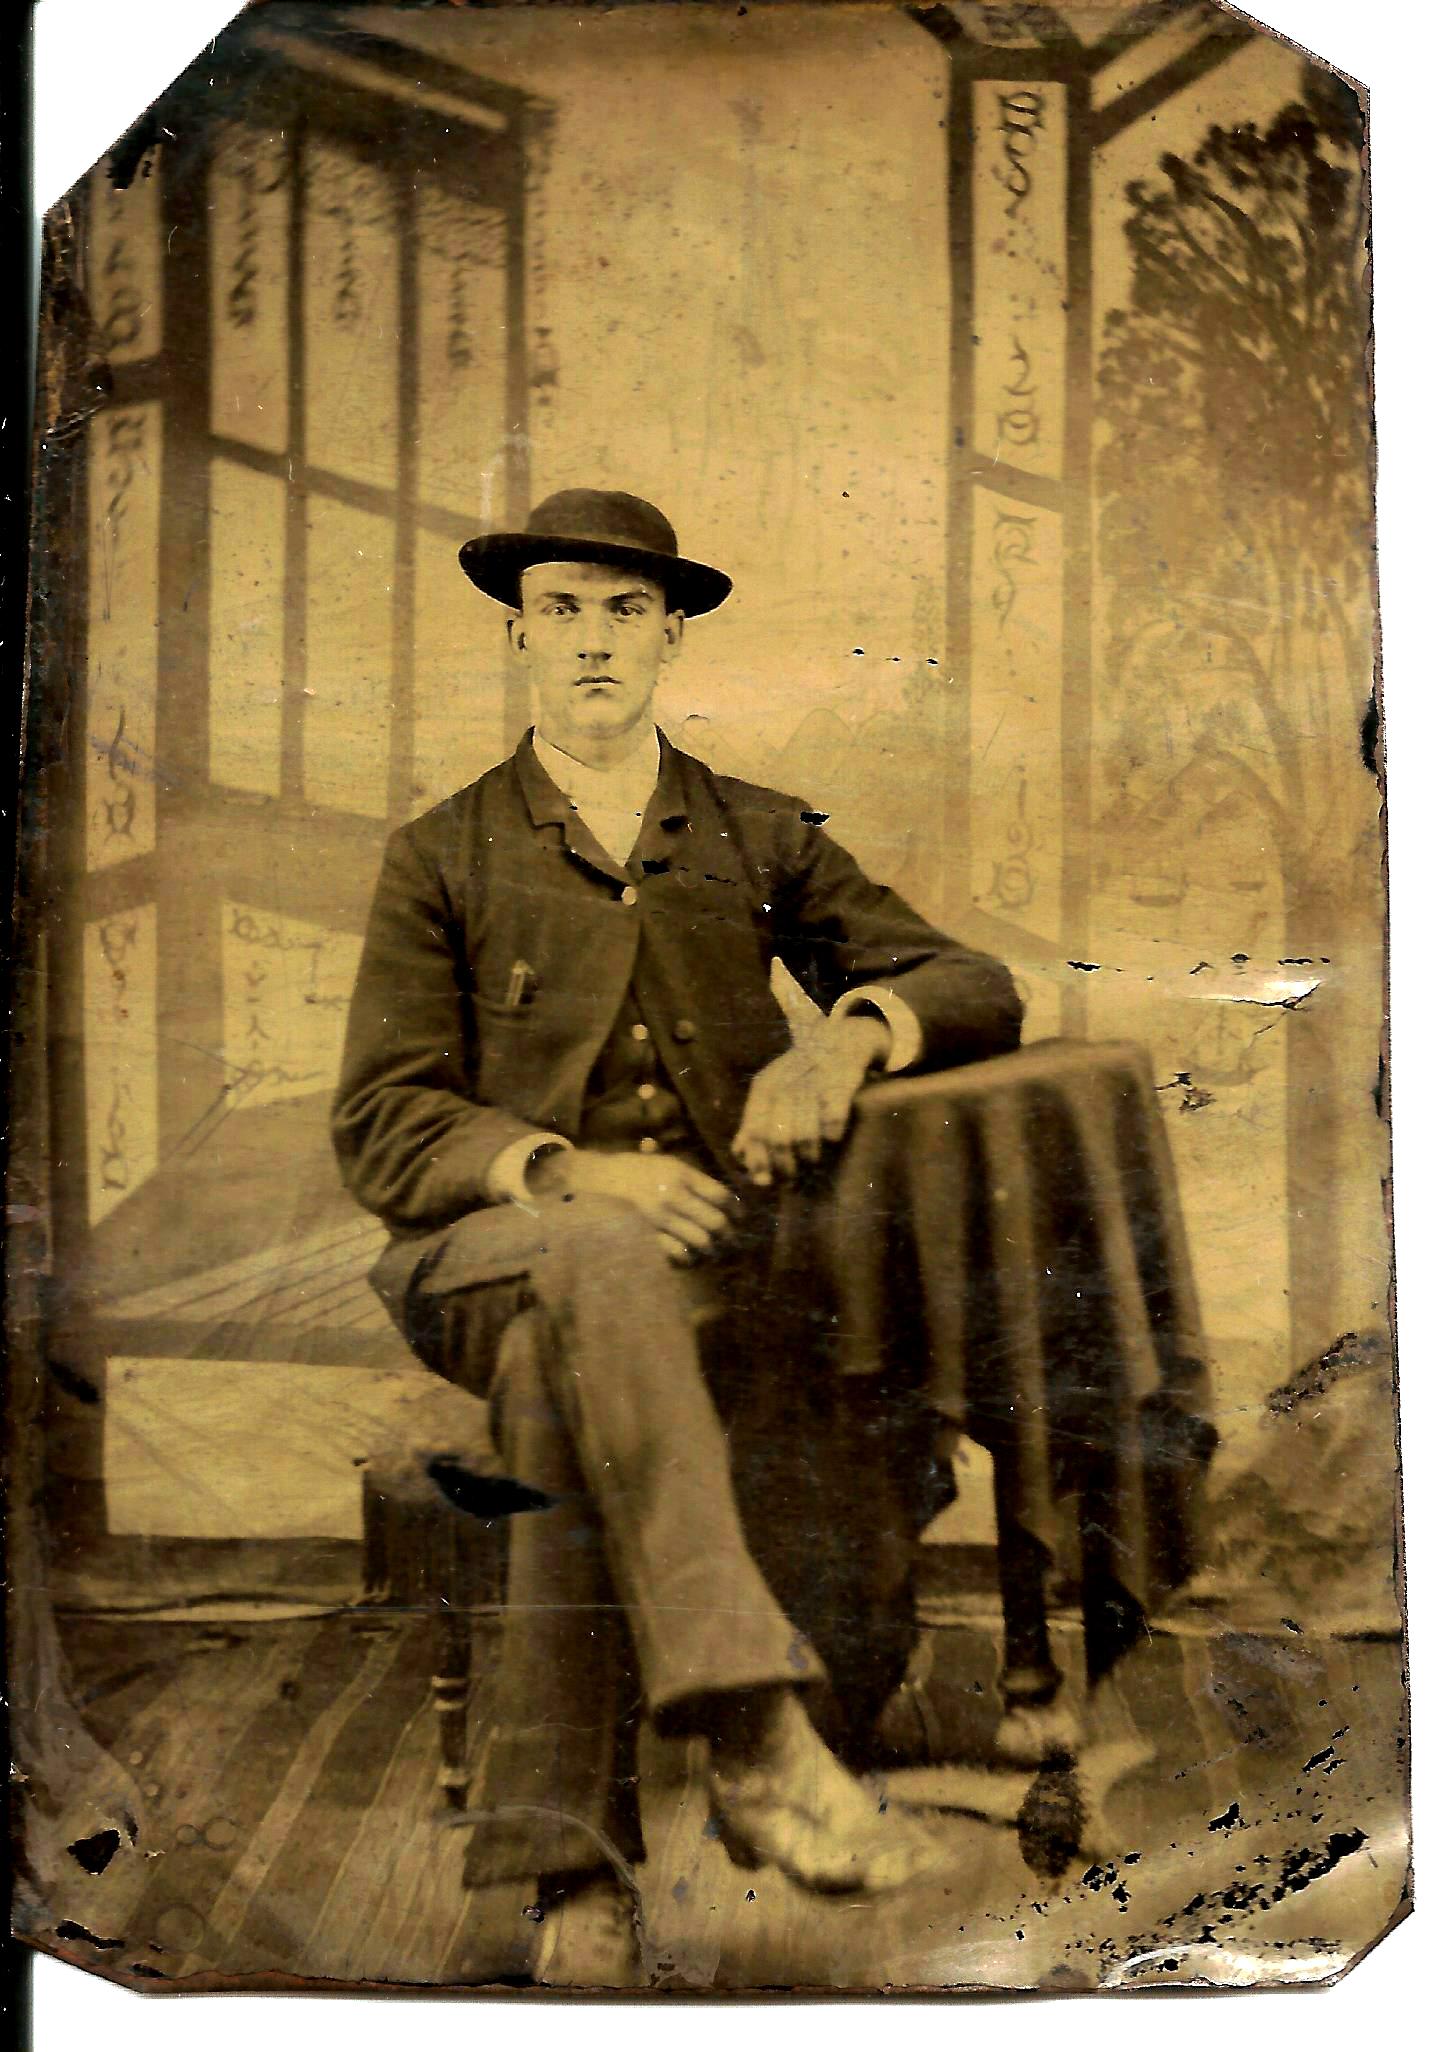 Homer King, 1885